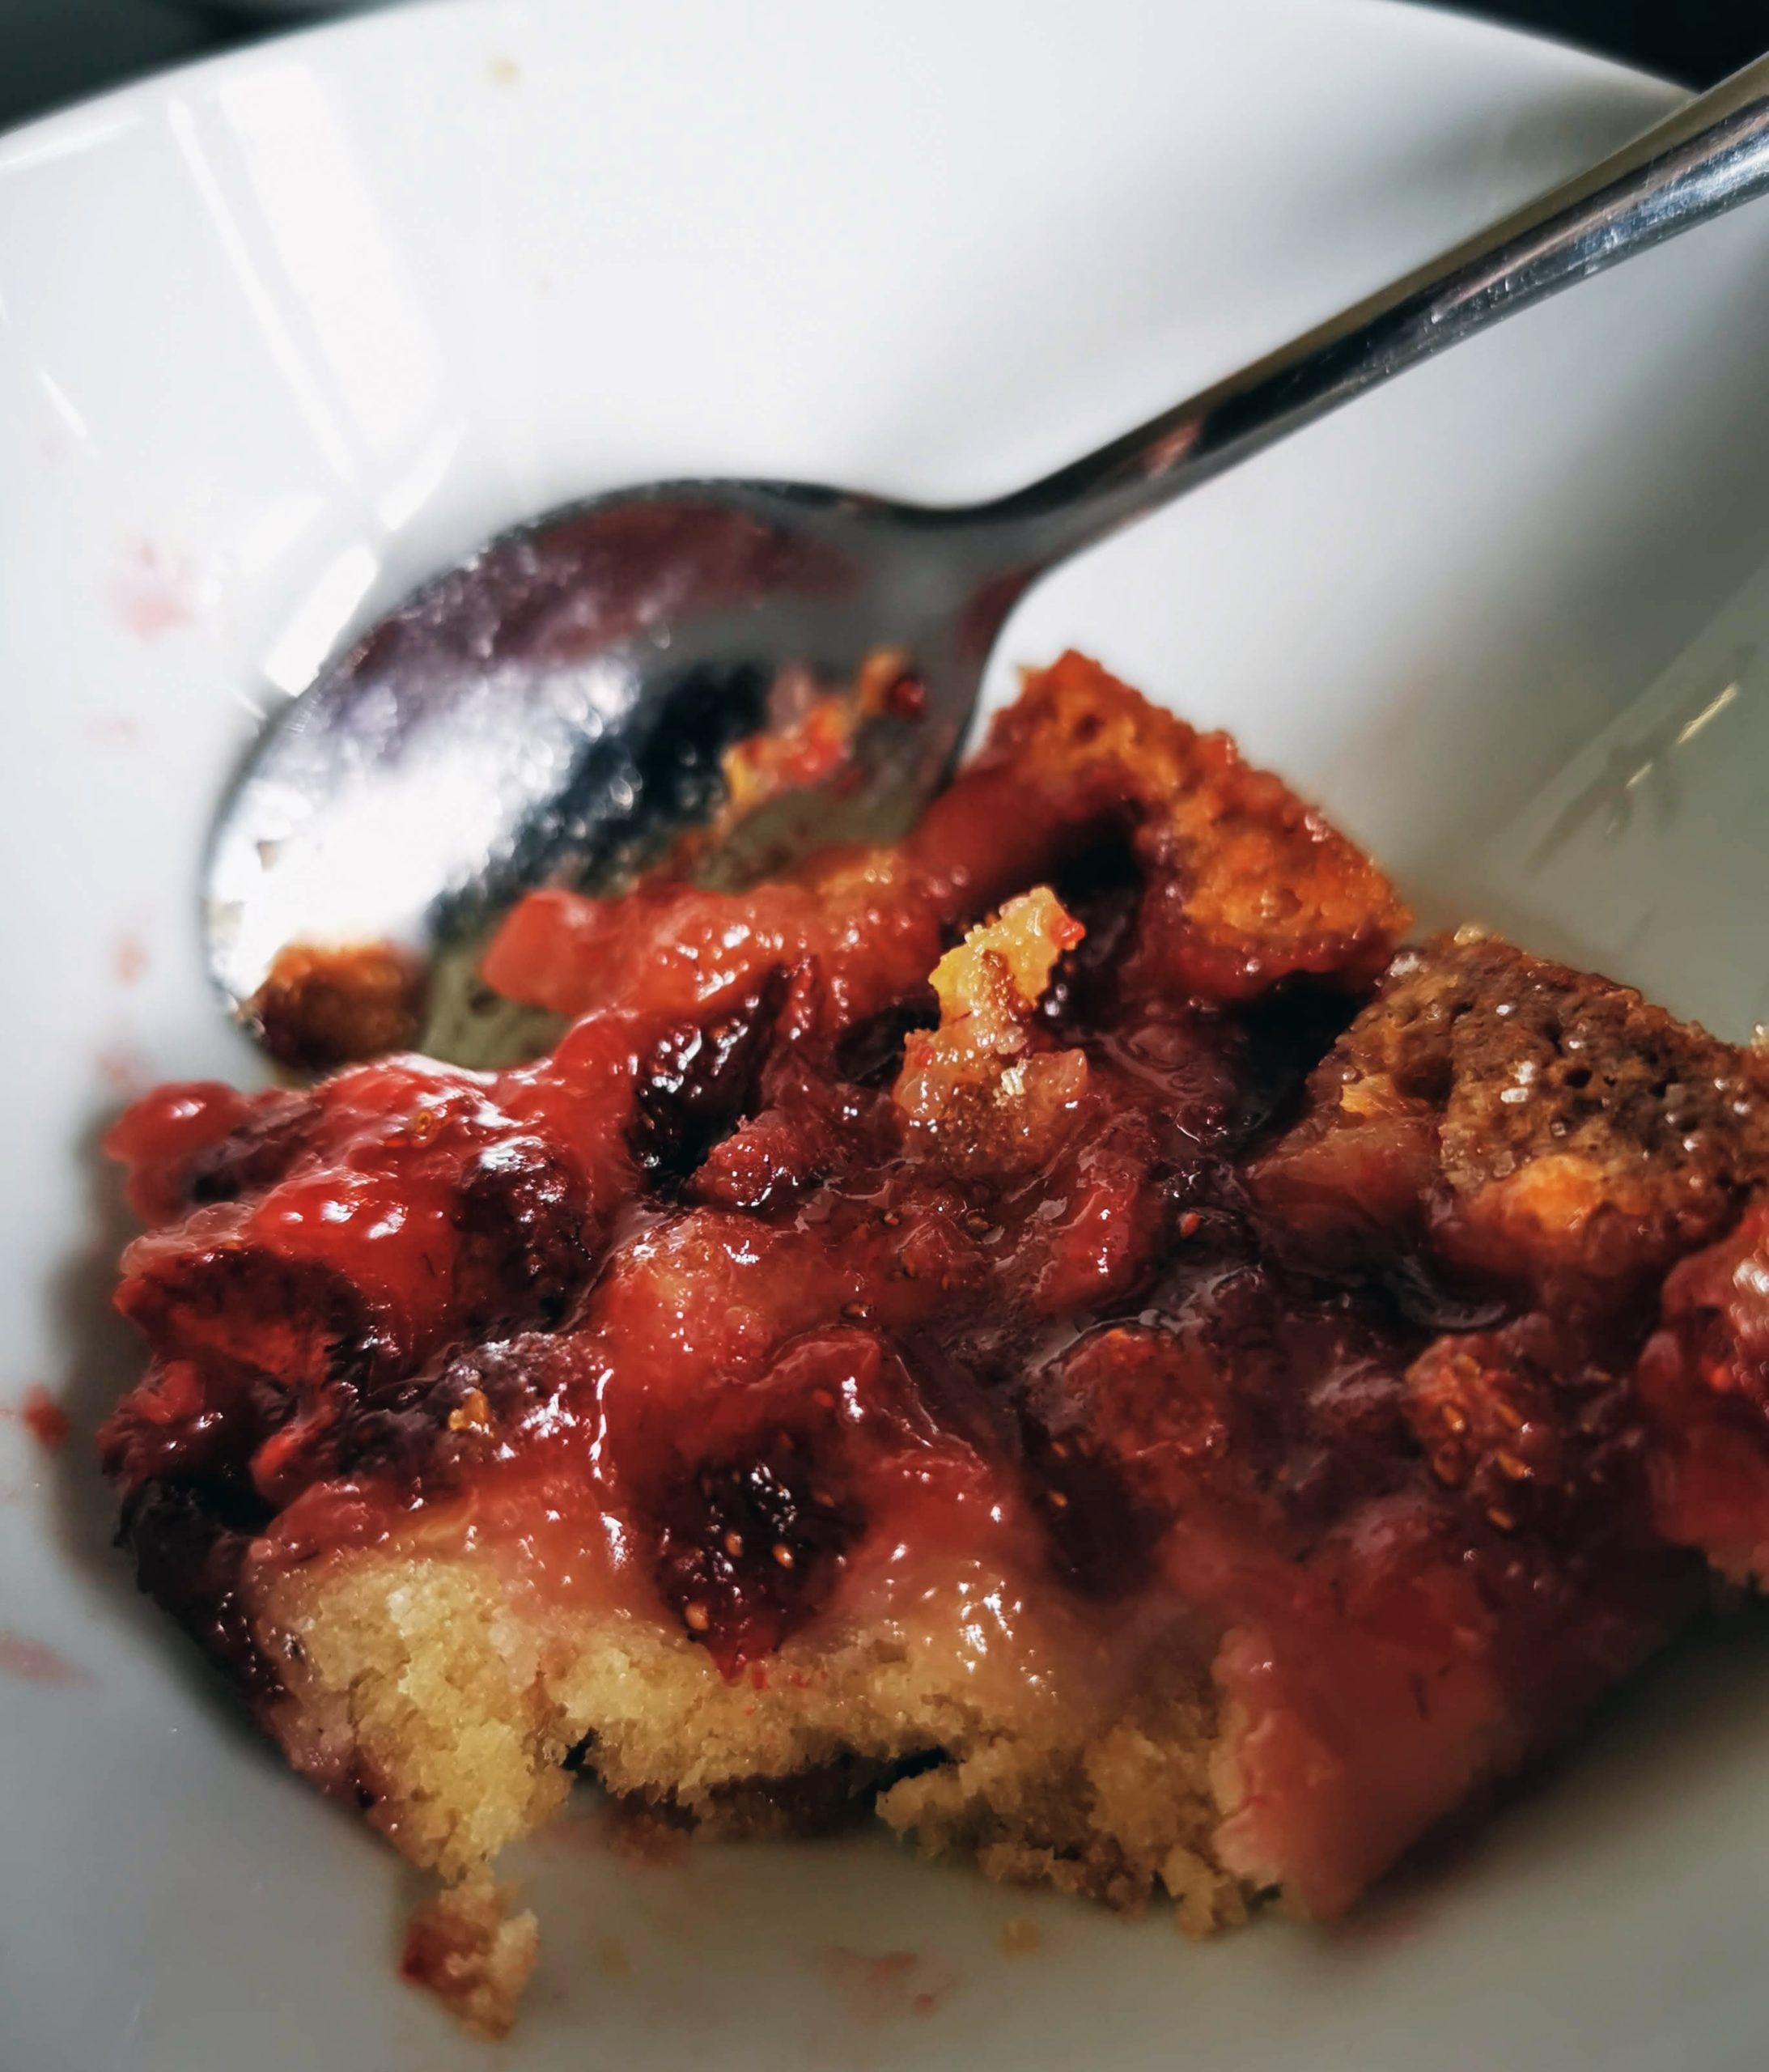 Helen J Holmberg - provlagar amerikanskt recept från Pioneer Woman på smulpaj med jordgubbar självklart laktosfri